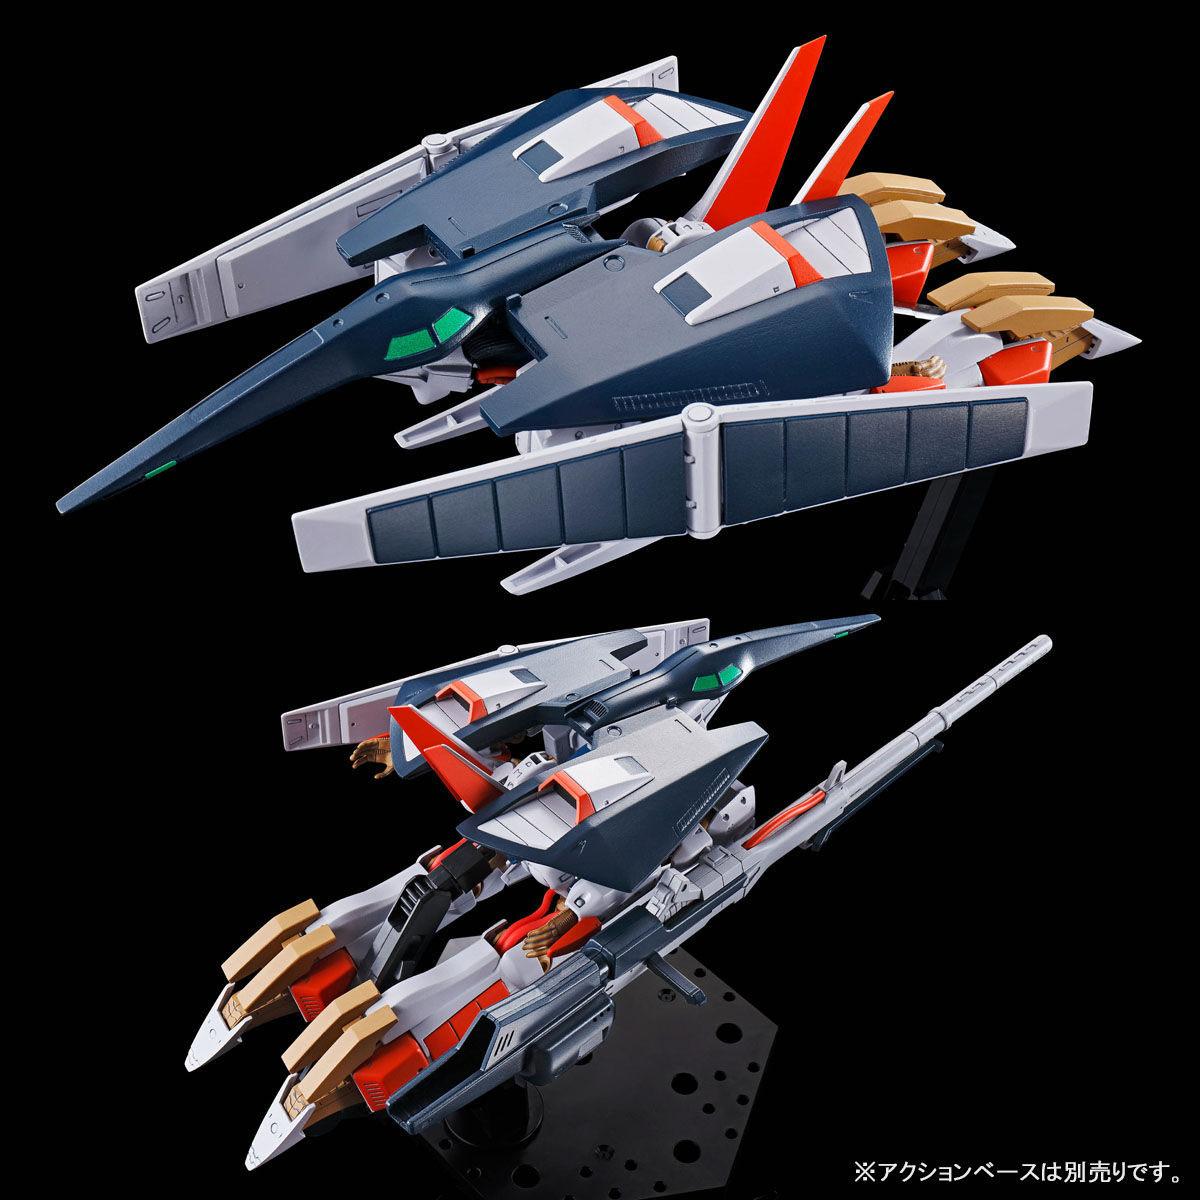 【限定販売】HG 1/144『エルガイムMk-II』重戦機エルガイム プラモデル-006